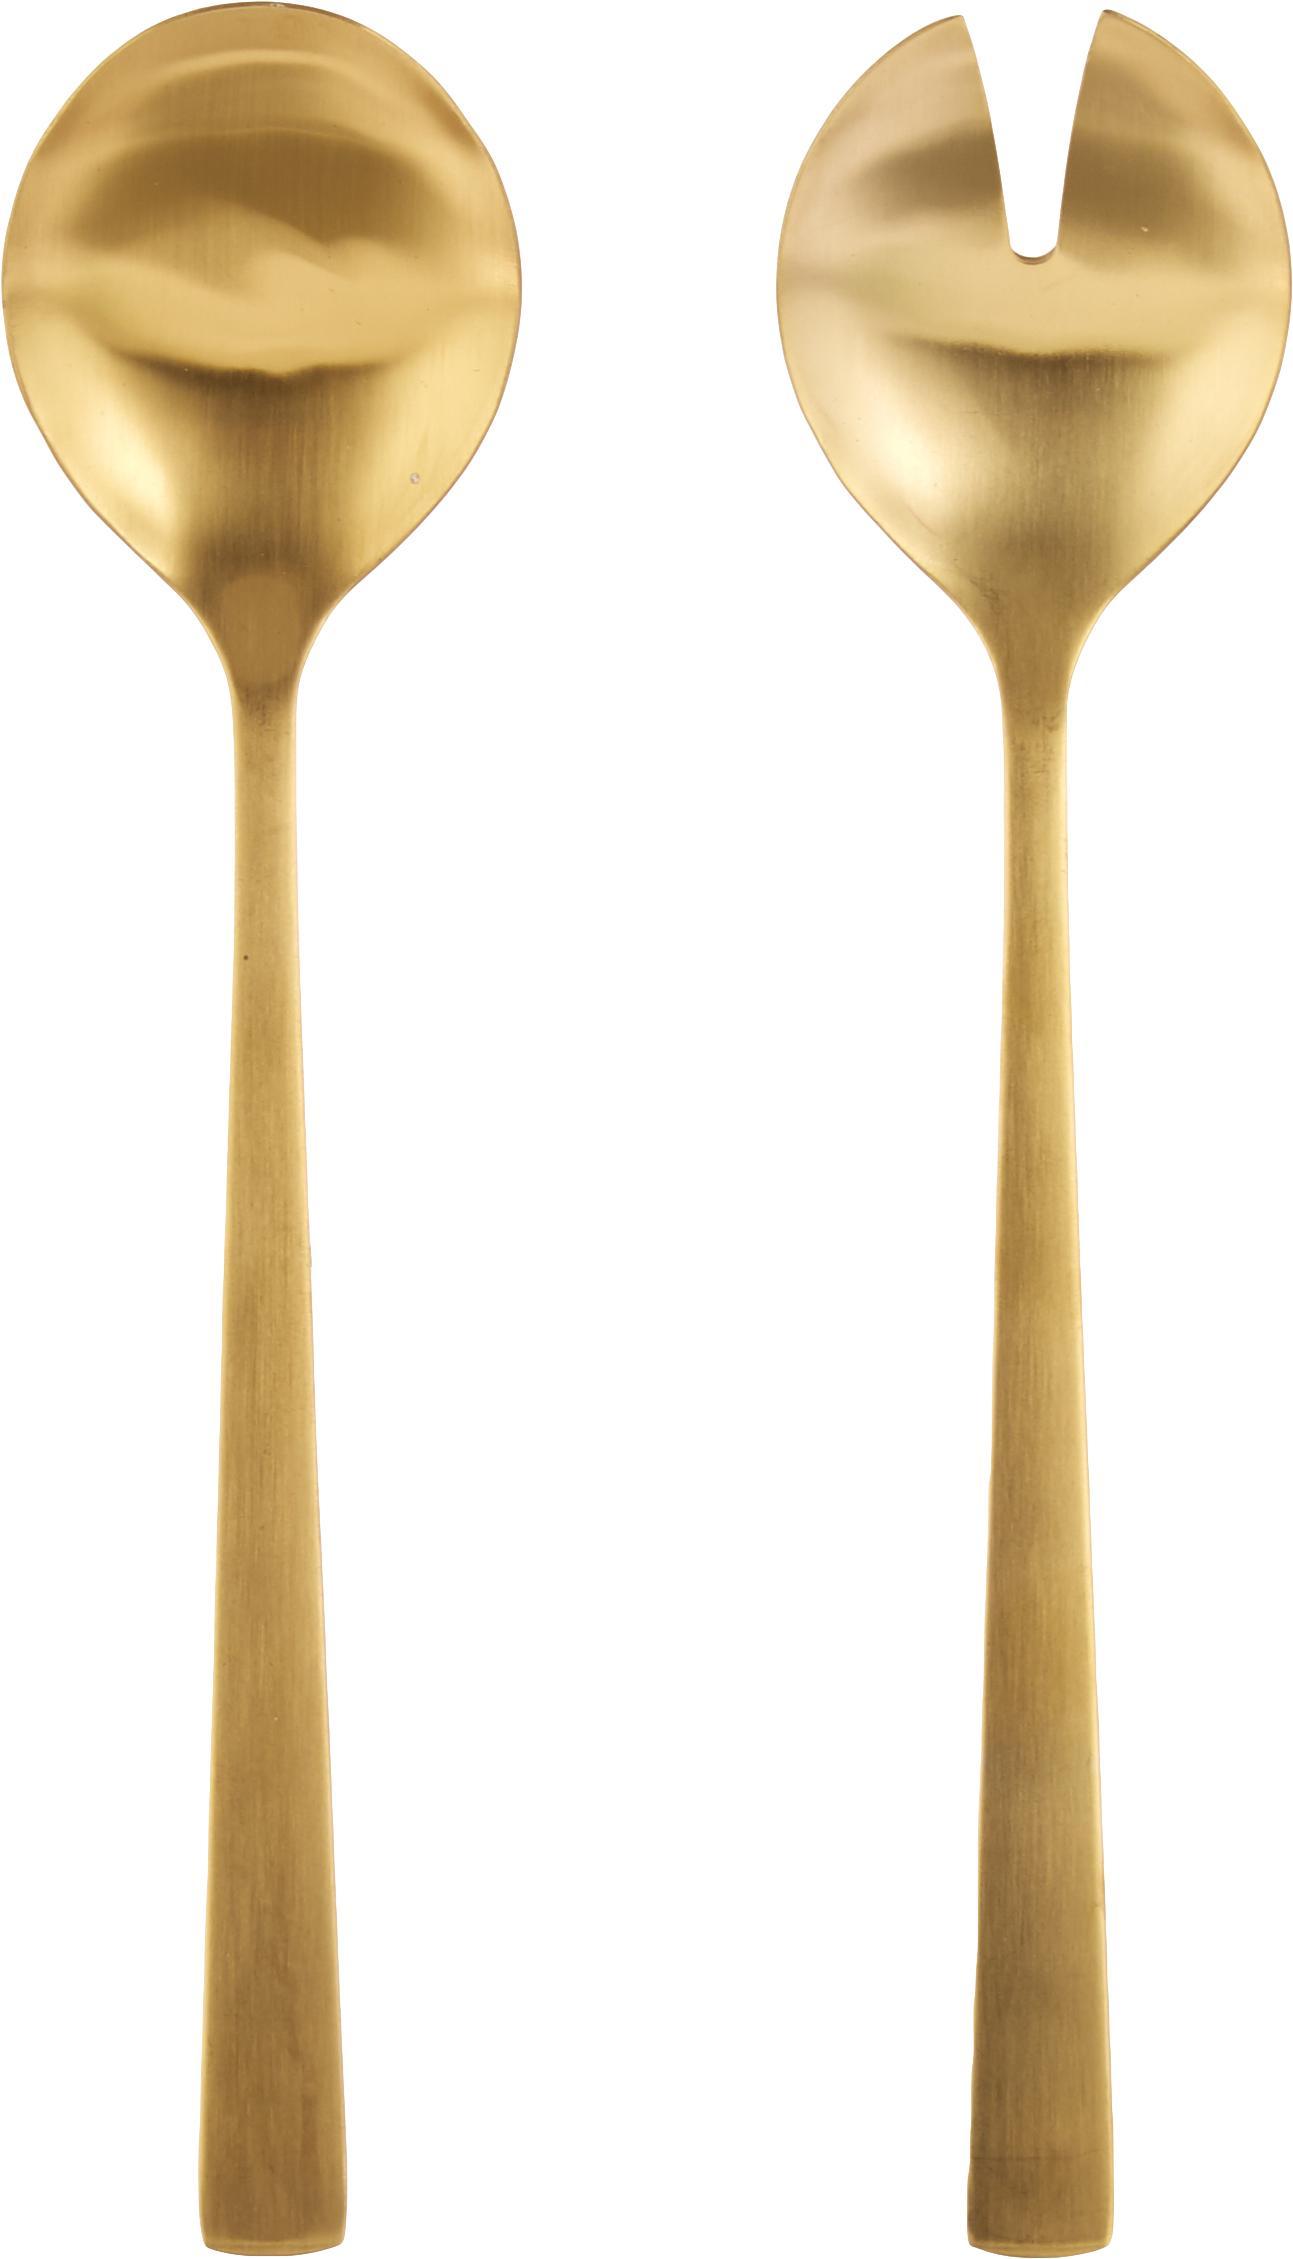 Cubiertos para ensalada de acero inoxidable Snagg, 2pzas., Acero inoxidable, recubierto., Latón, L 24 cm